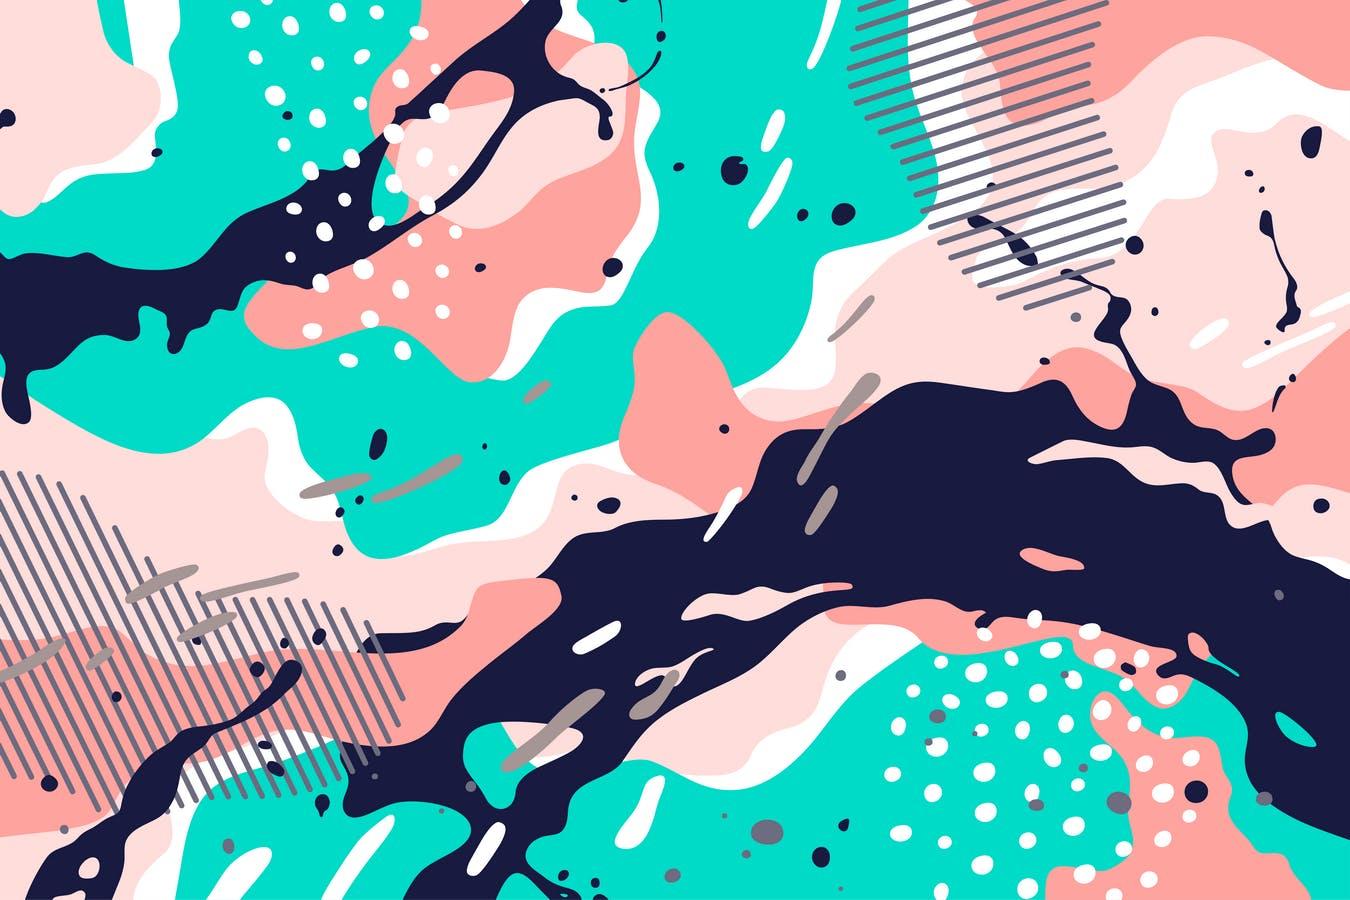 抽象背景多色融合Abstract Background